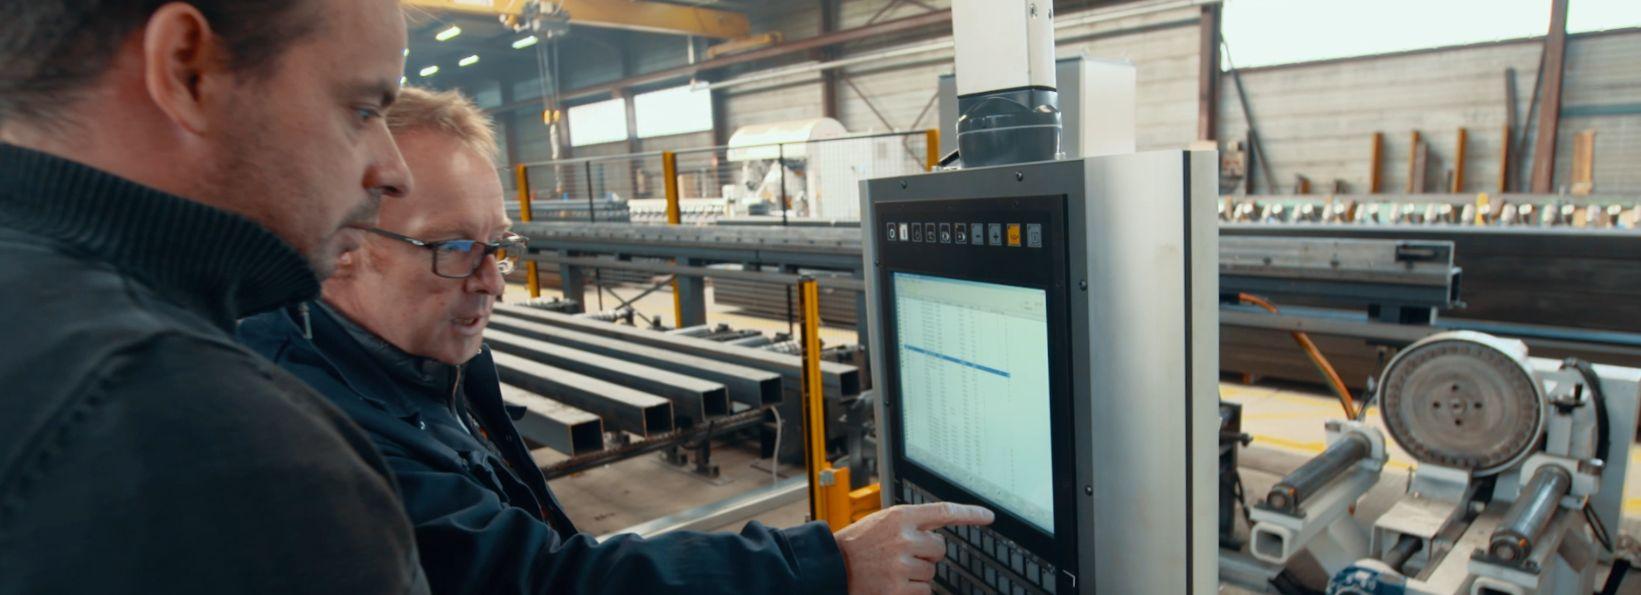 logiciel suivi production construction métallique installation et formation